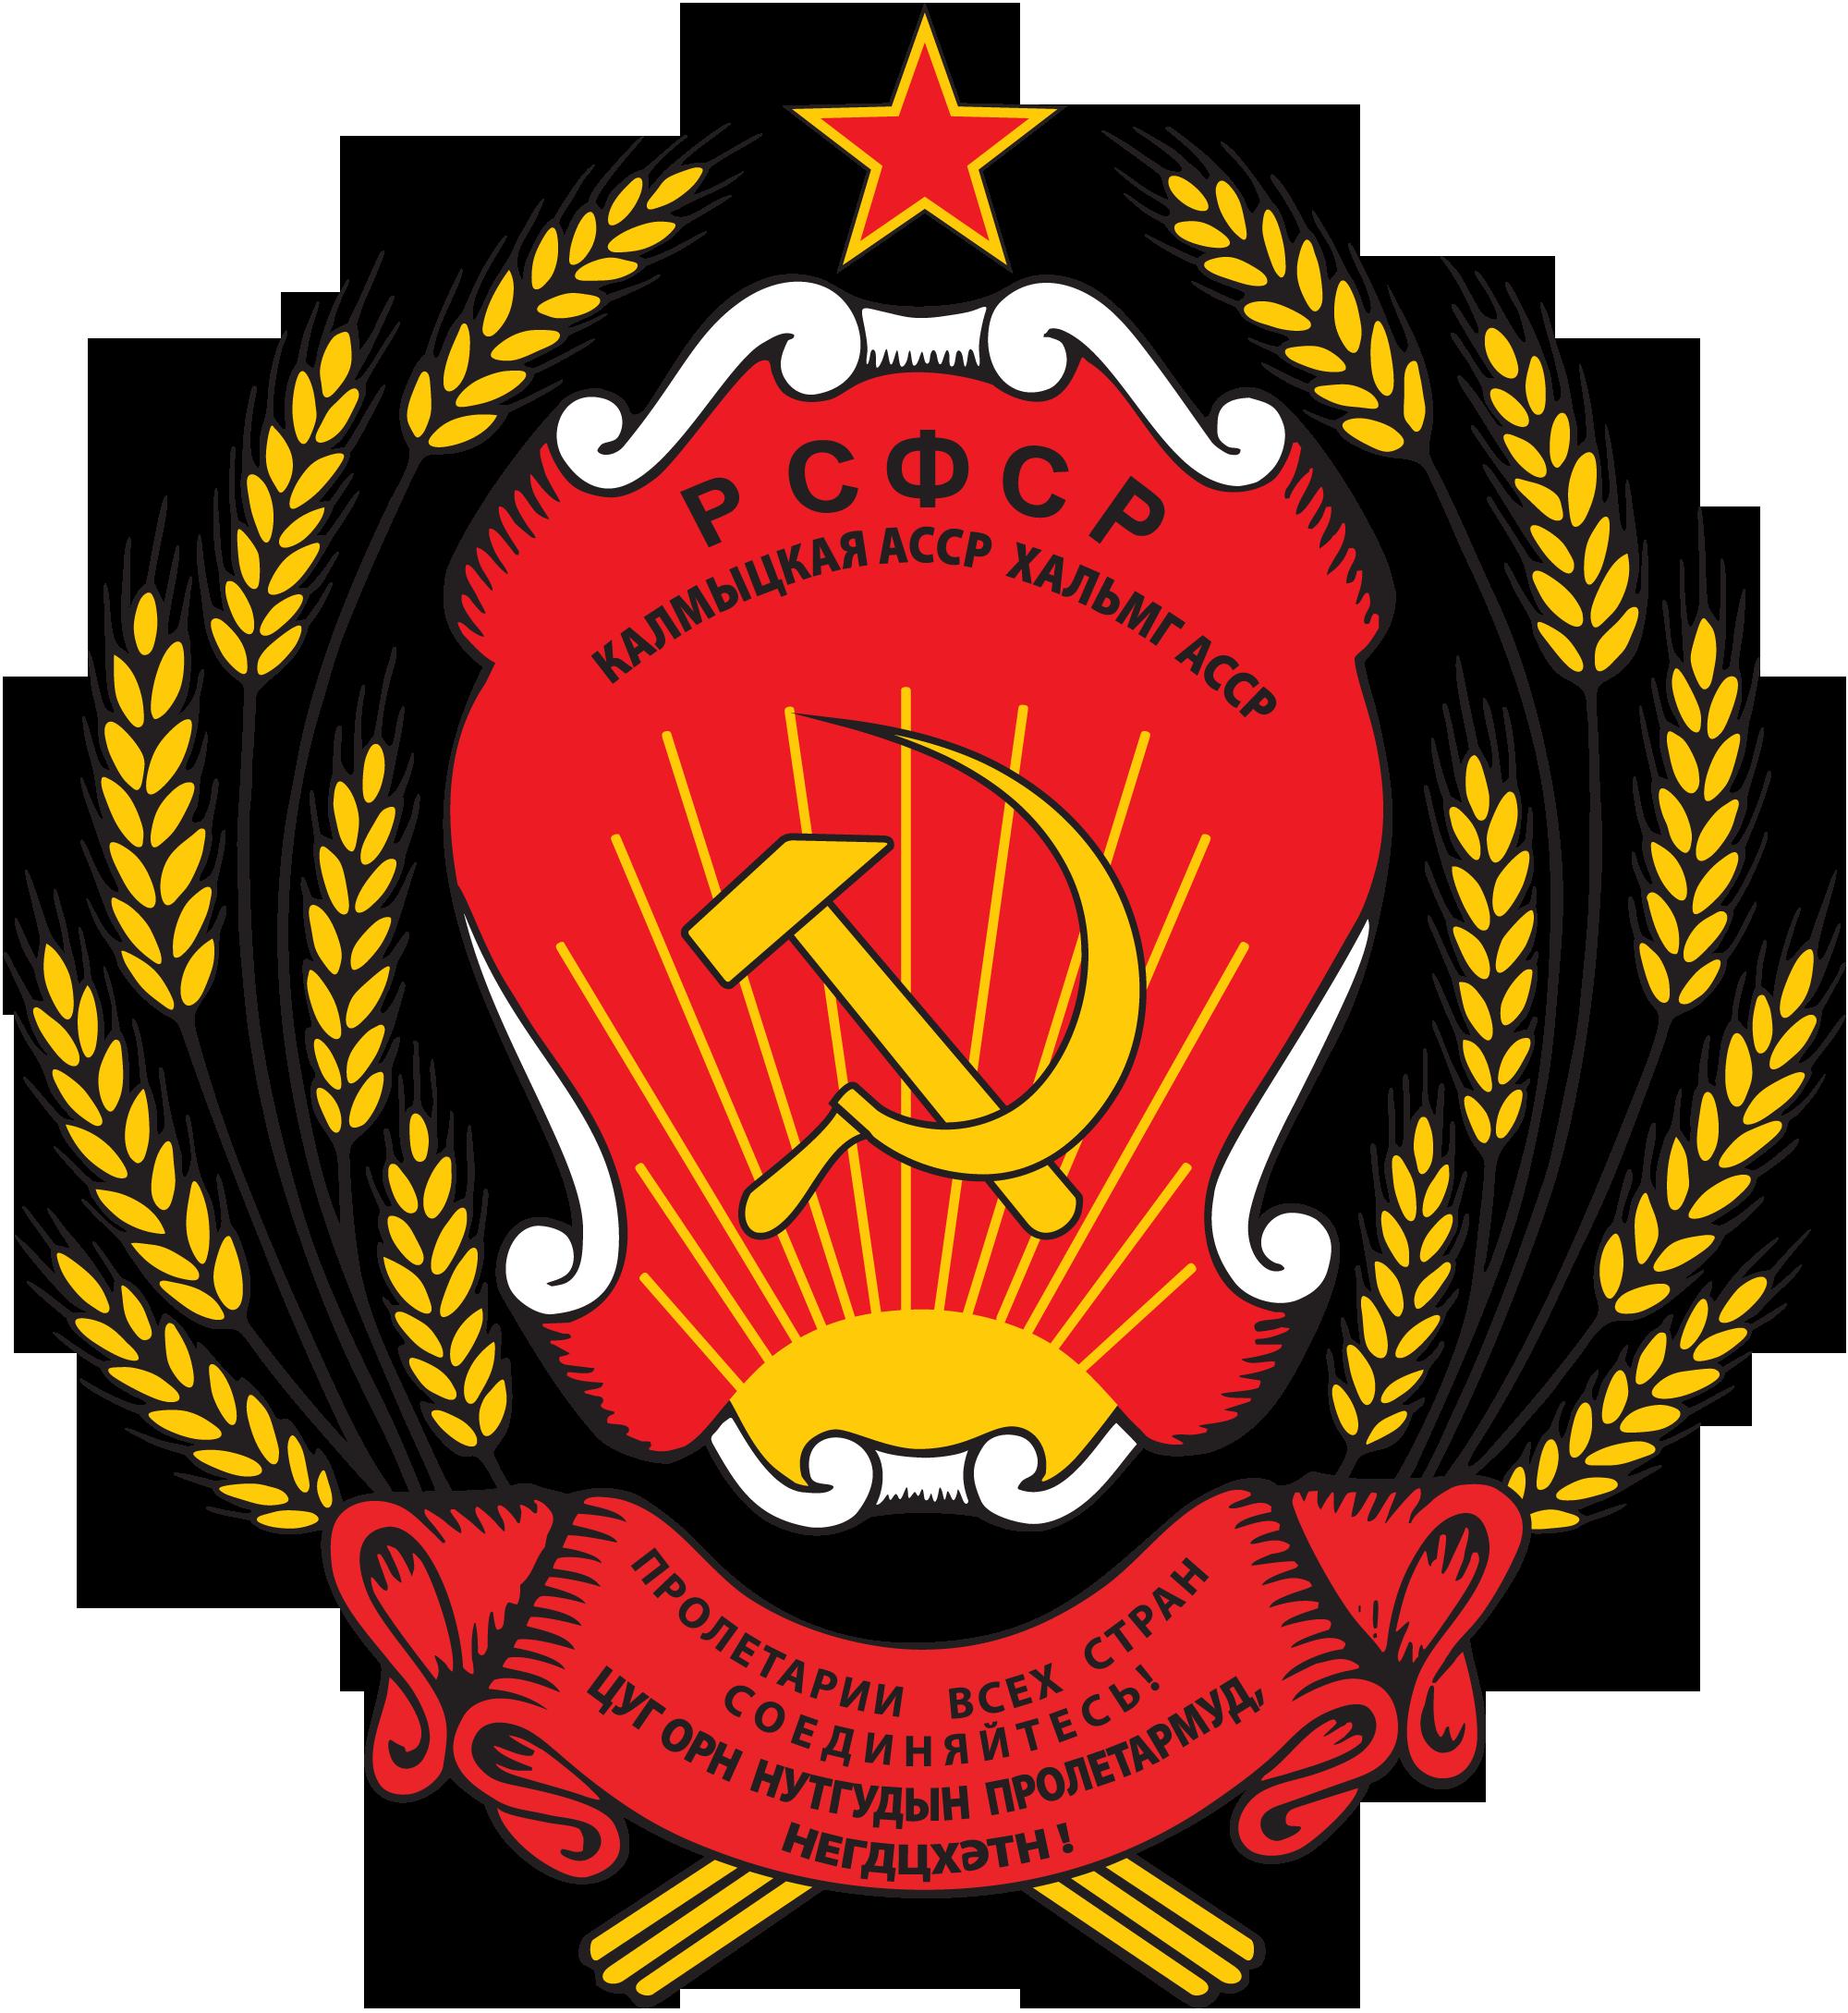 герб Калмыцкой АССР